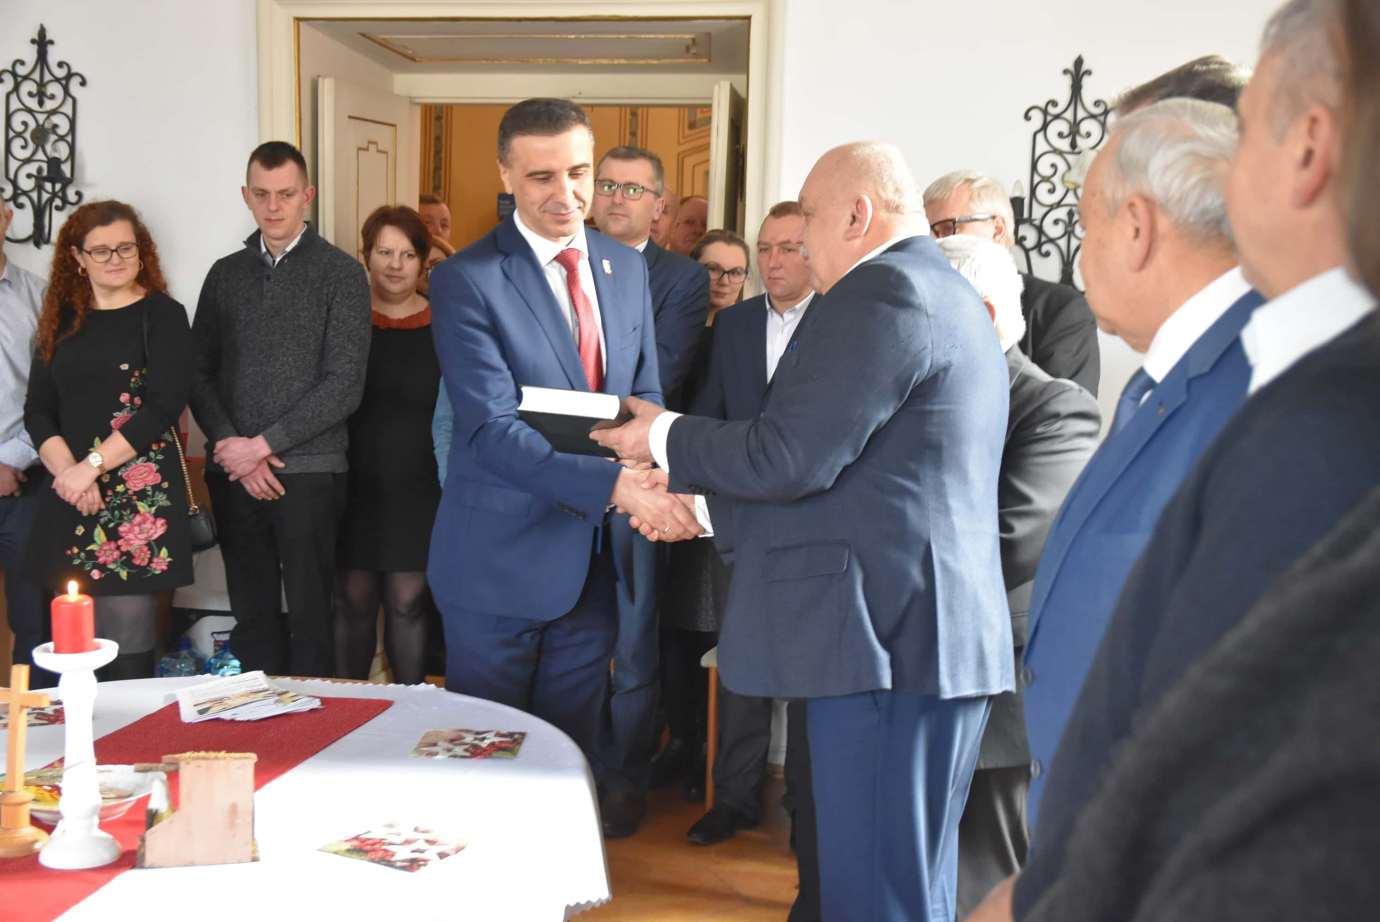 dsc 4023 Zamość: Otwarcie nowego biura poselskiego Jarosława Sachajko. [ZDJĘCIA, FILM]